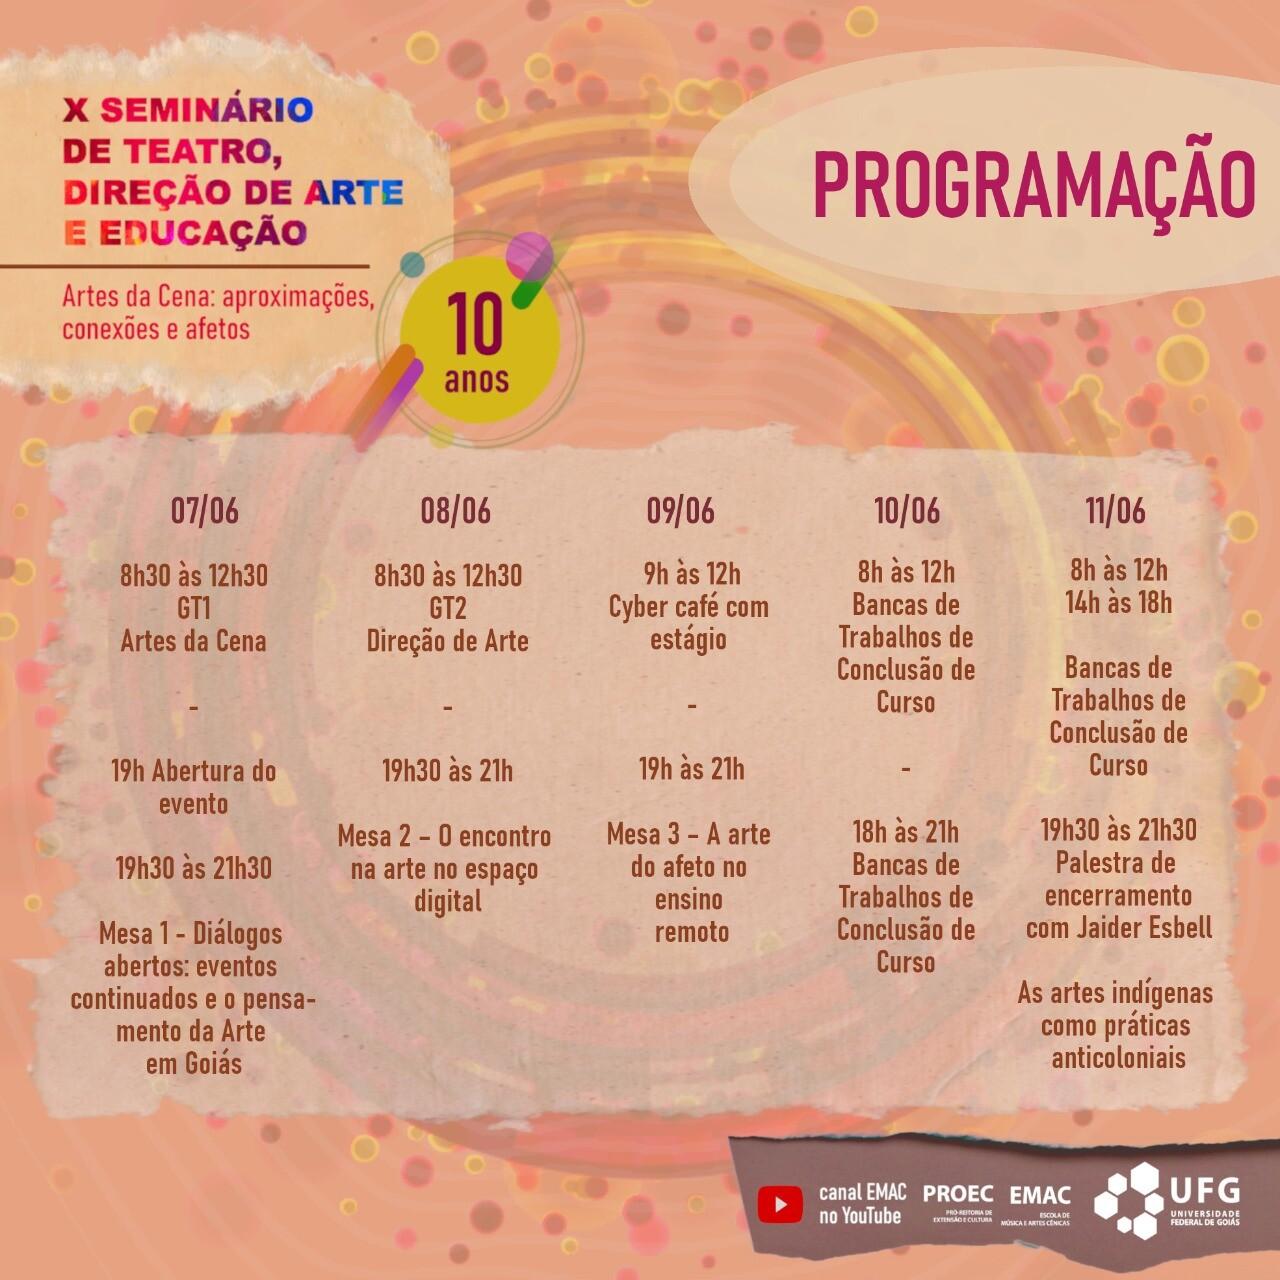 X Seminário de Teatro, Direção de Arte e Educação (2)